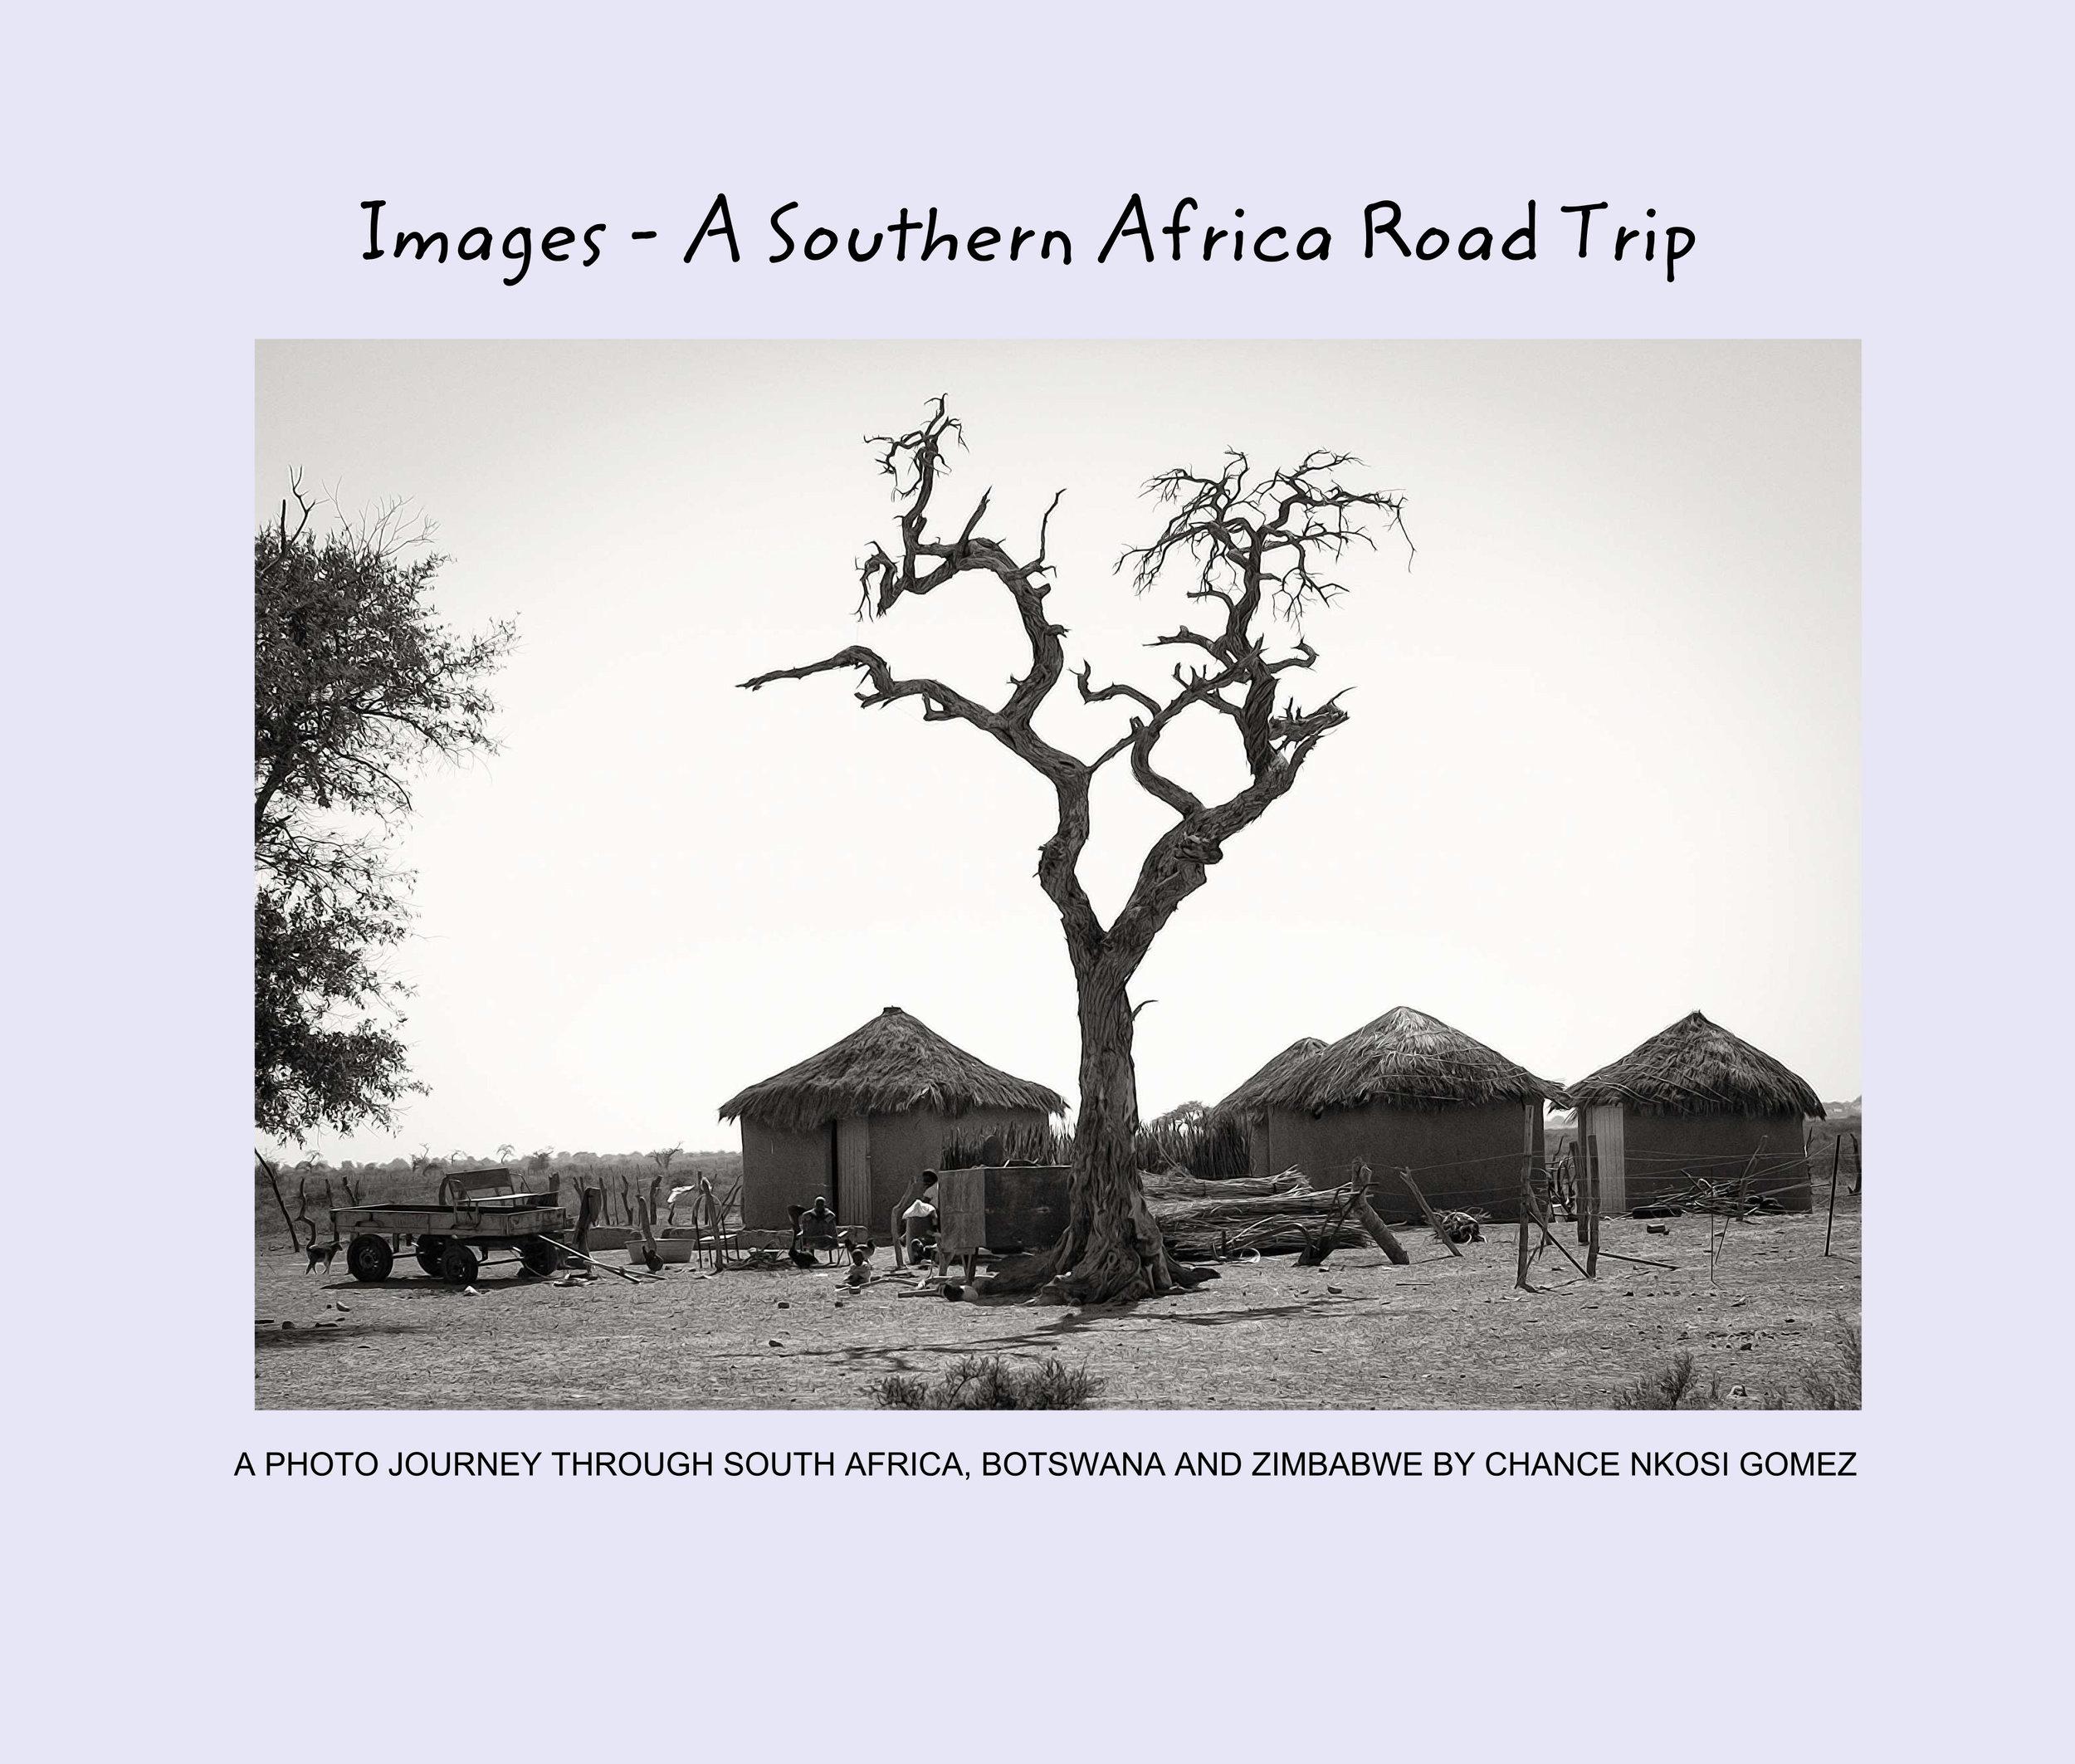 ImagesASouthernAfricaRoadTrip-1.jpg